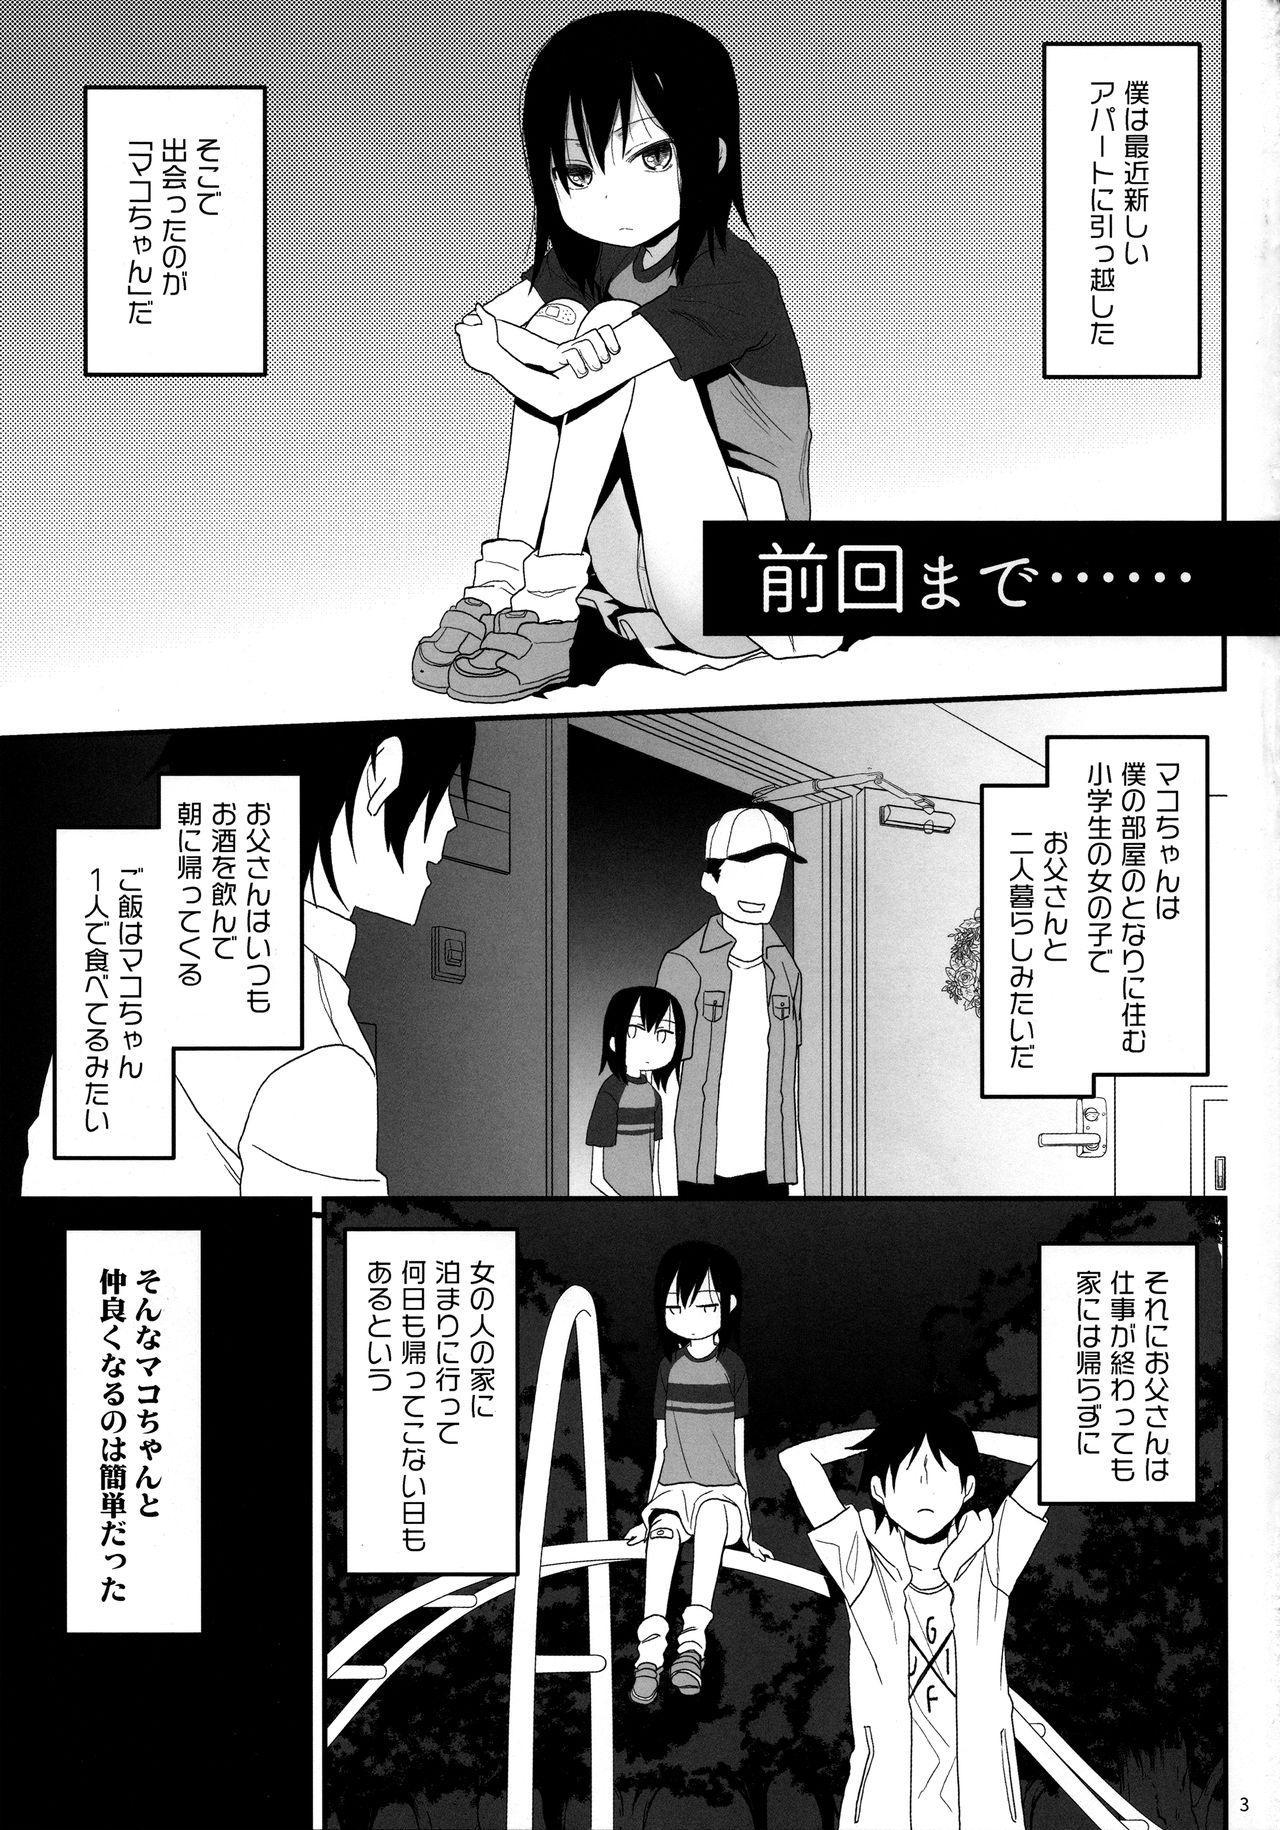 Tonari no Mako-chan Vol. 3 2